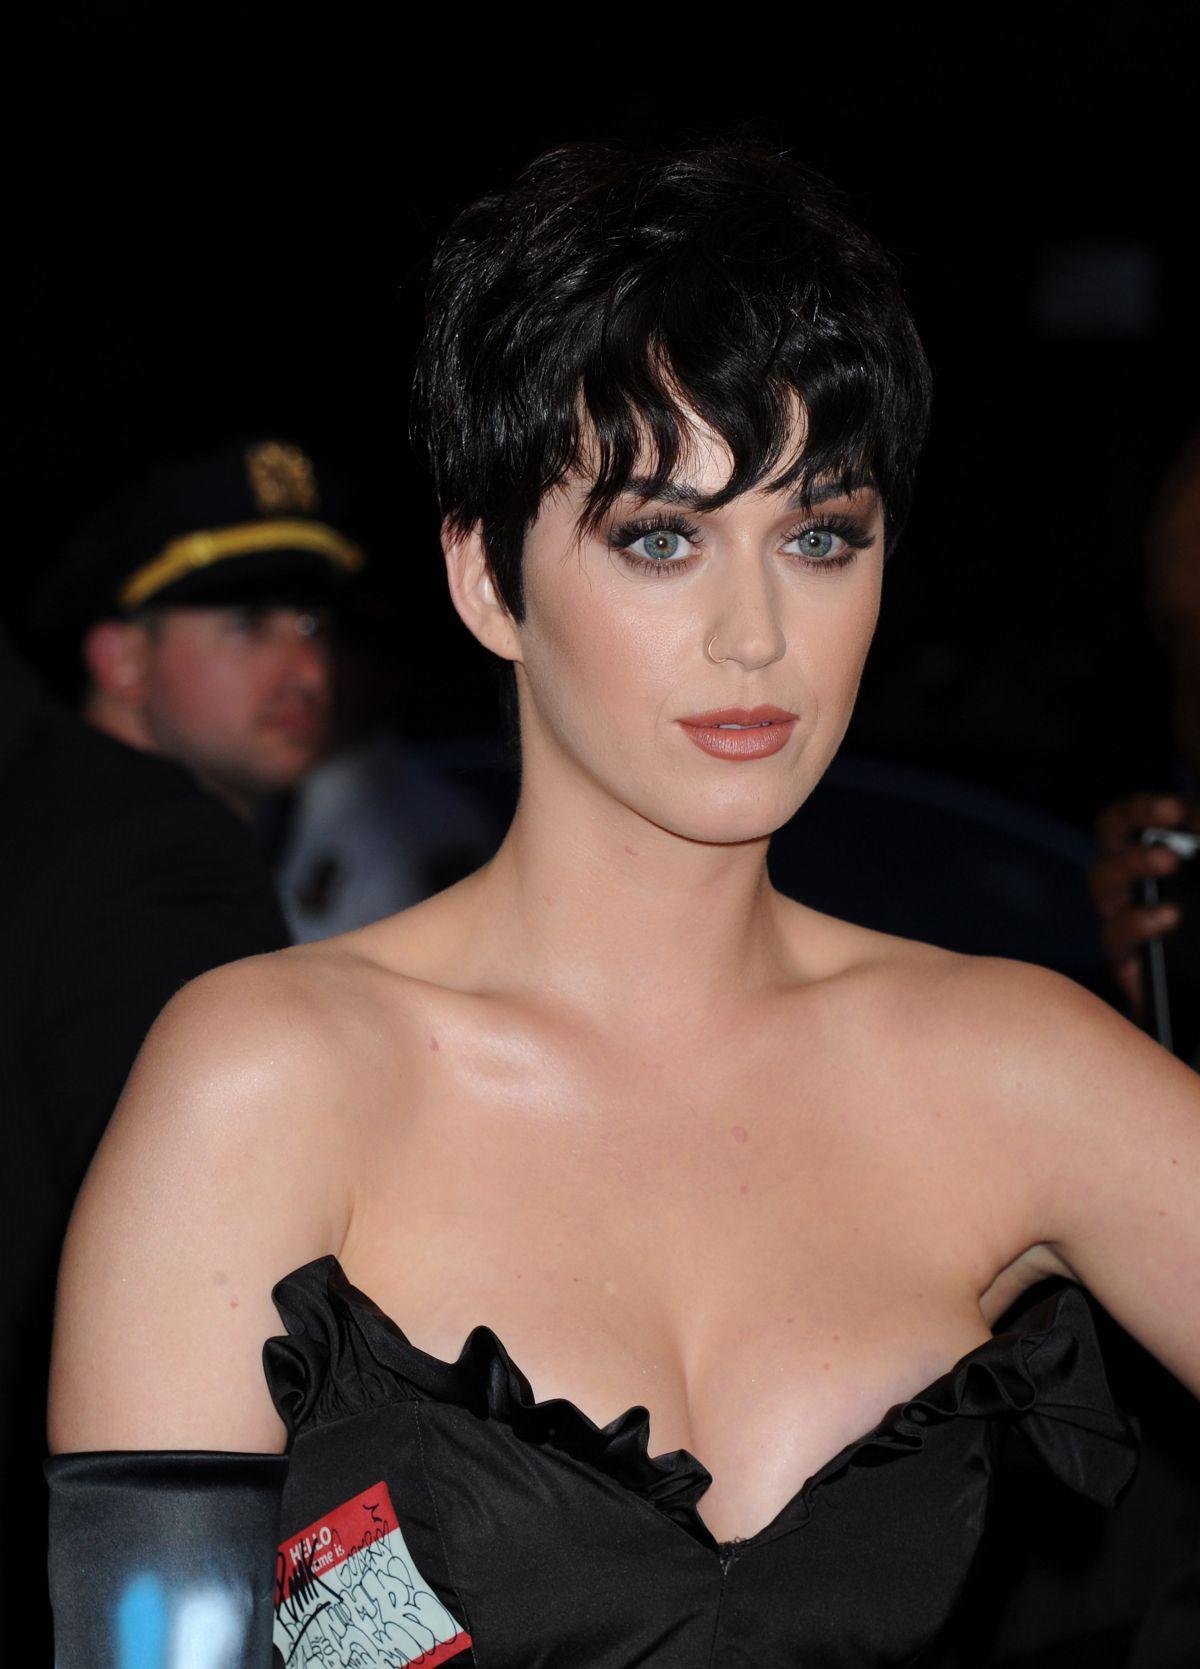 KATY PERRY at MET Gala... Katy Perry